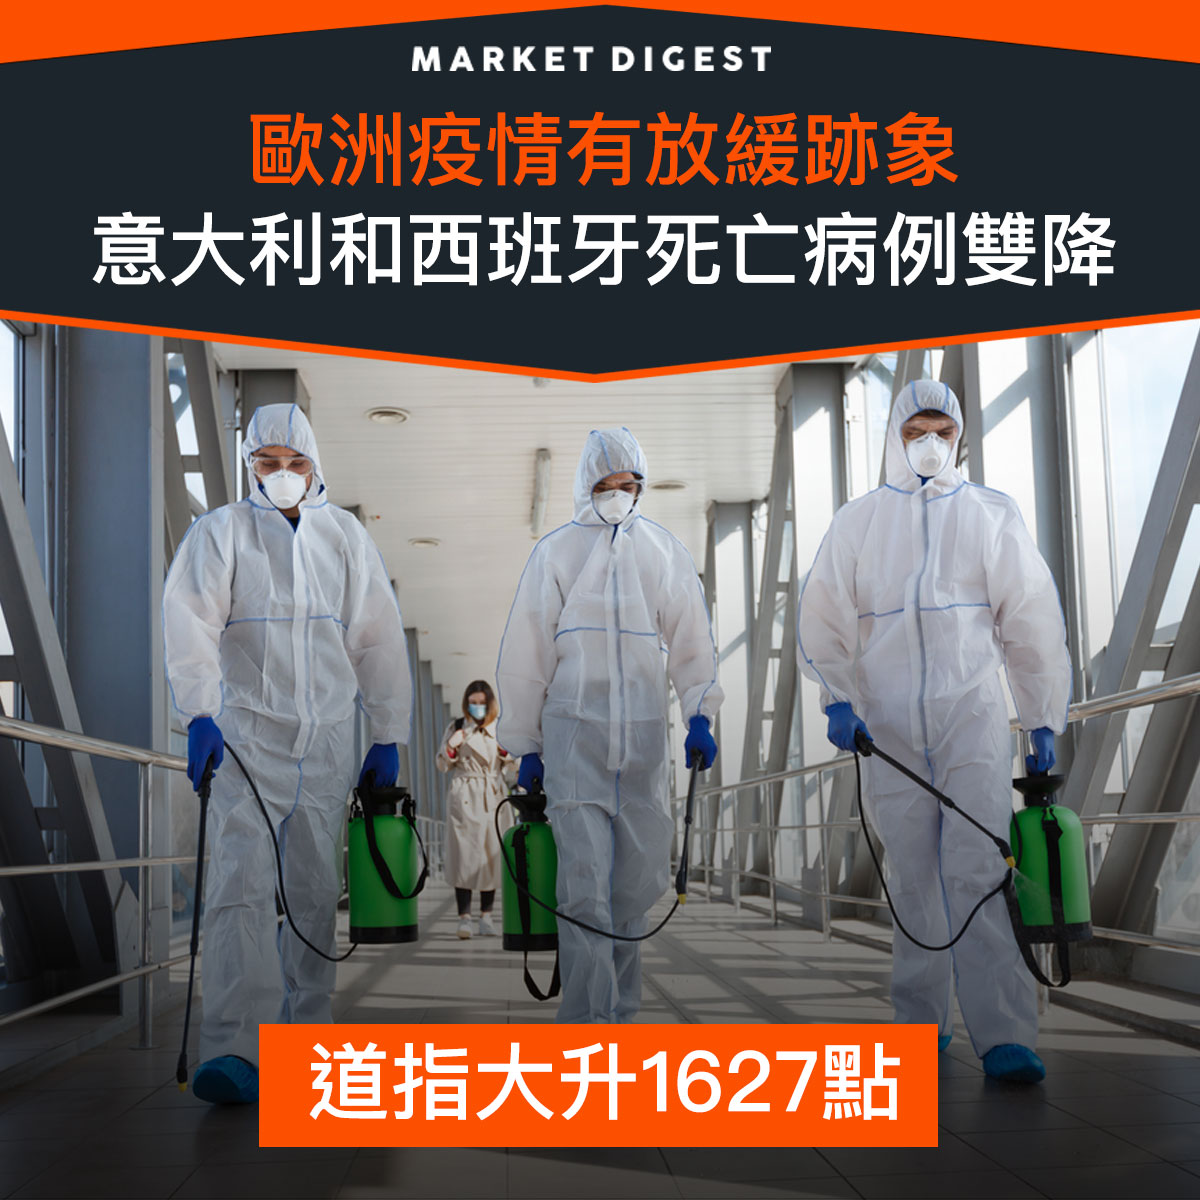 【市場熱話】歐洲疫情有放緩跡象,道指大升1627點